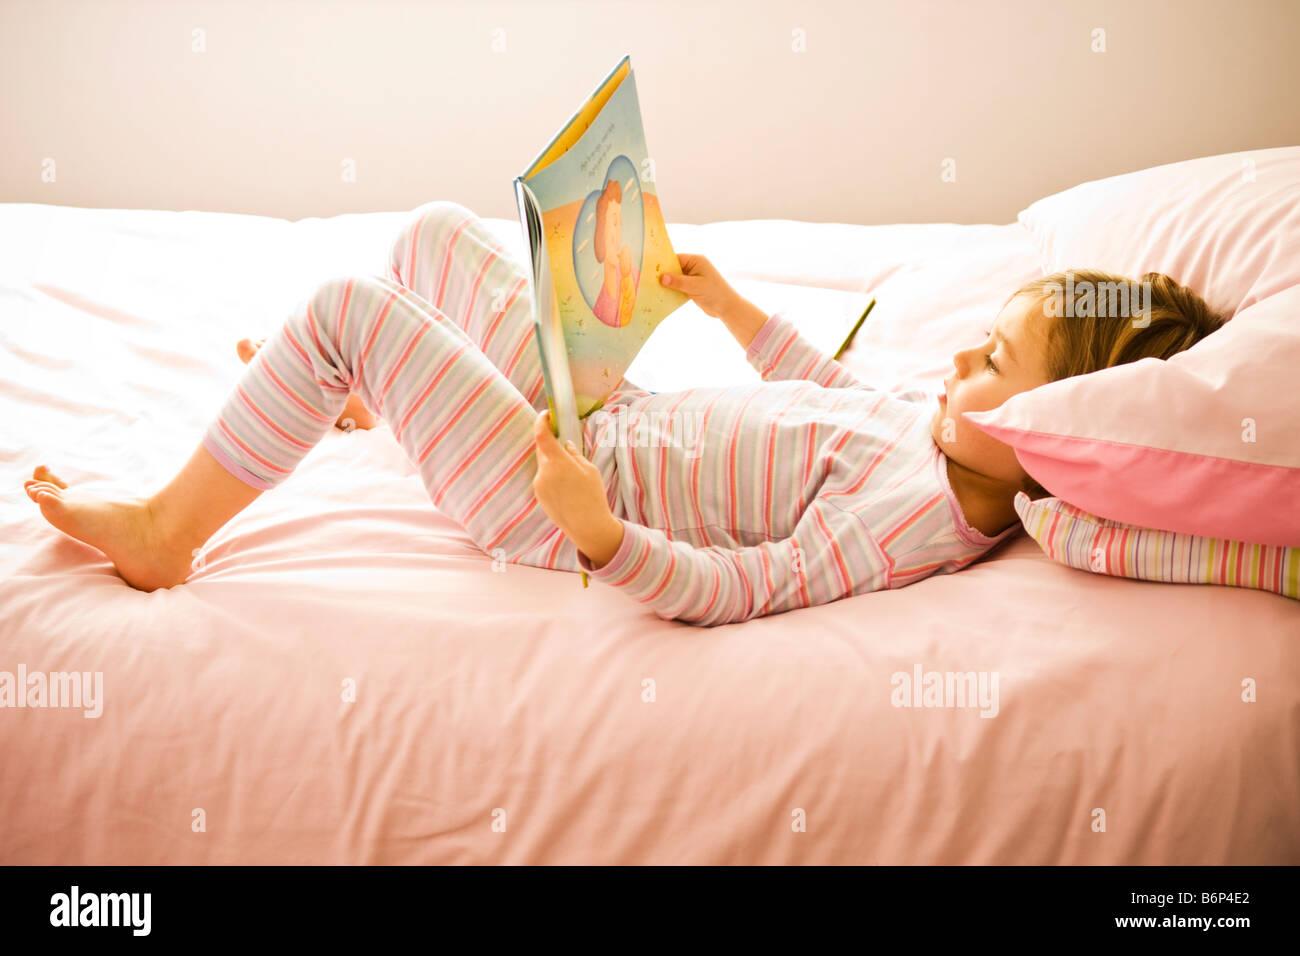 Ragazza, 3-5 anni, giace su un confortevole letto rosa la lettura di un libro. Immagini Stock